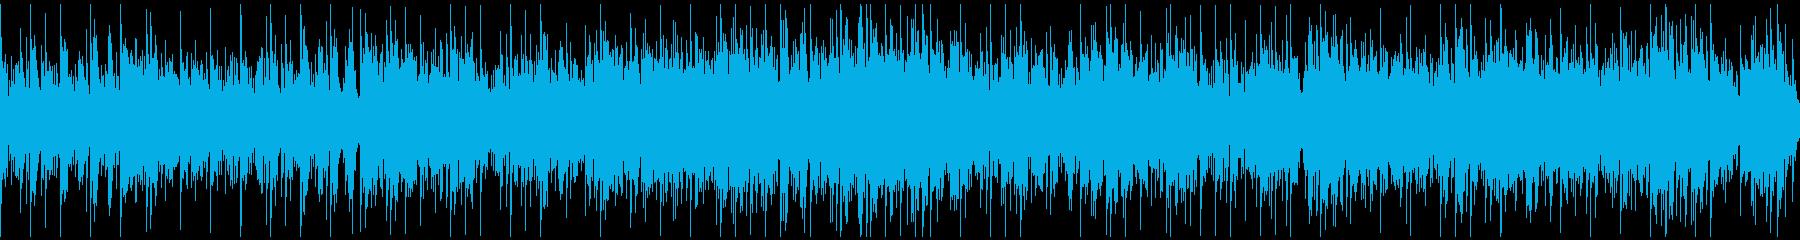 ループ 説明・紹介動画向け爽やかなBGMの再生済みの波形